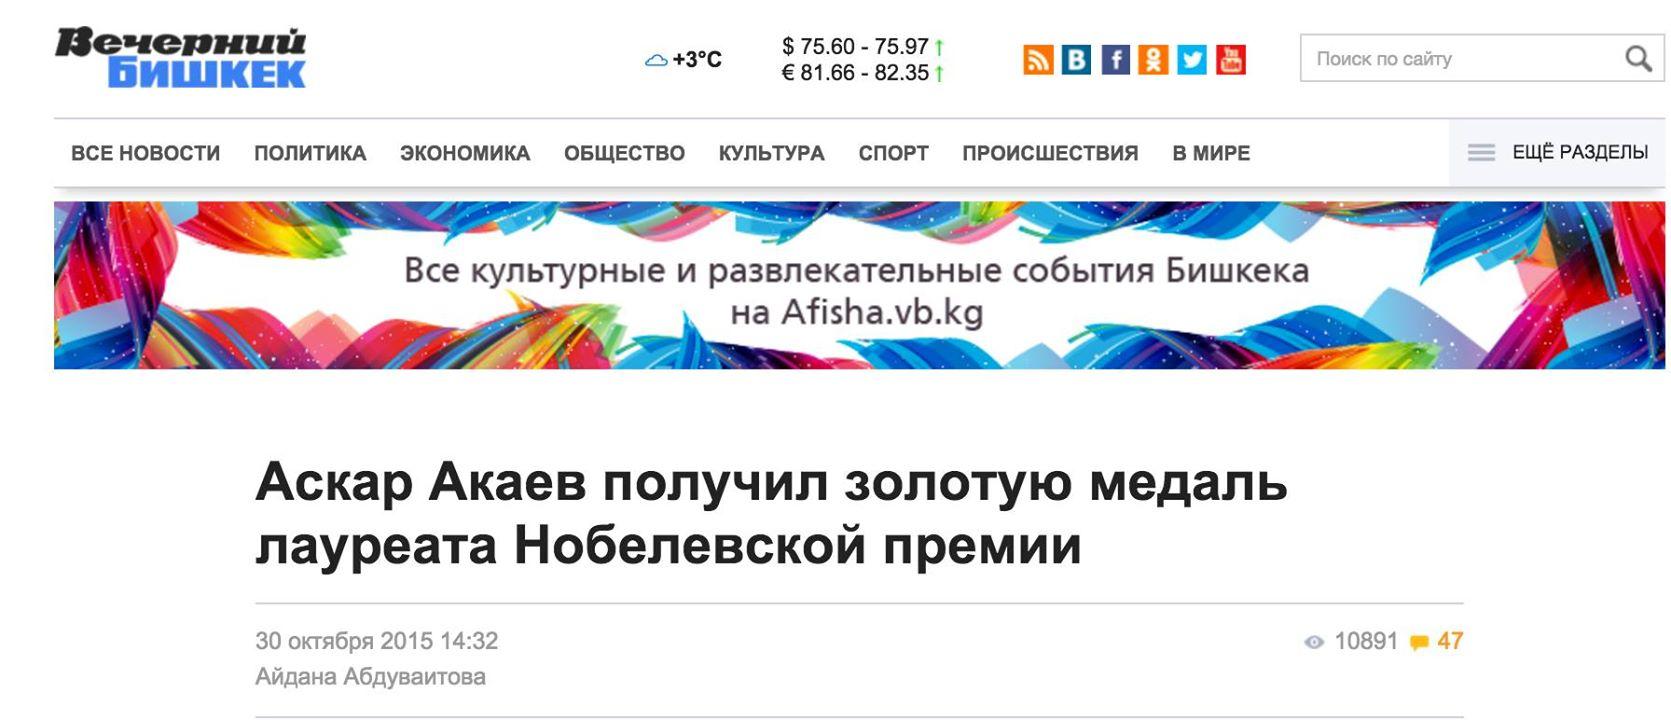 Вечерний Бишкек сообщает, что Акаев стал Нобелевским лауреатом!